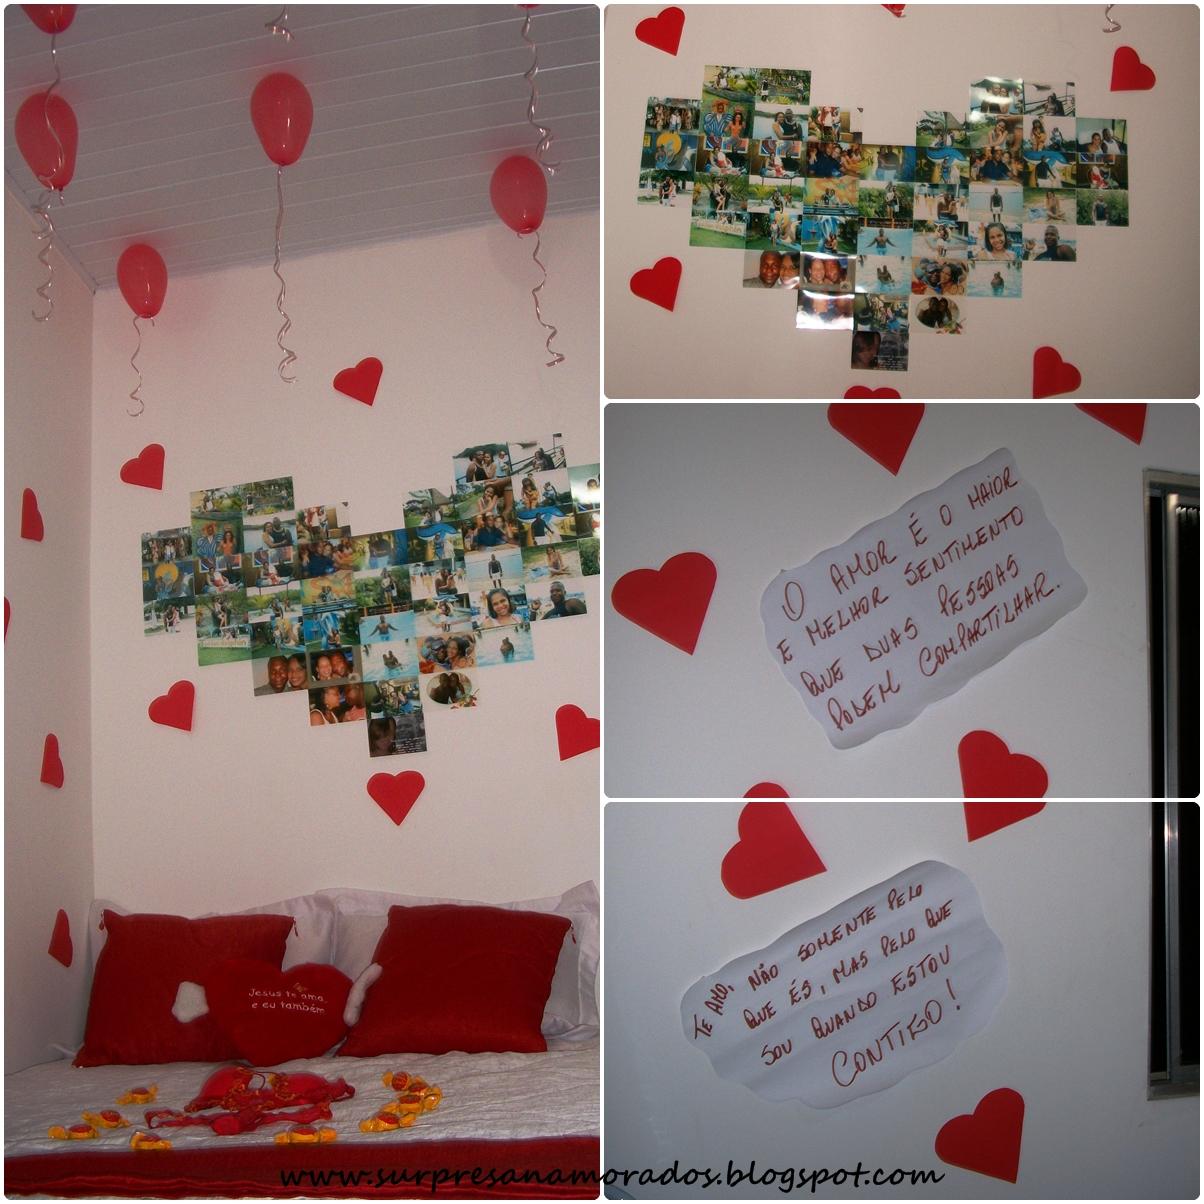 Coração de Fotos na Parede  Surpresas para Namorados